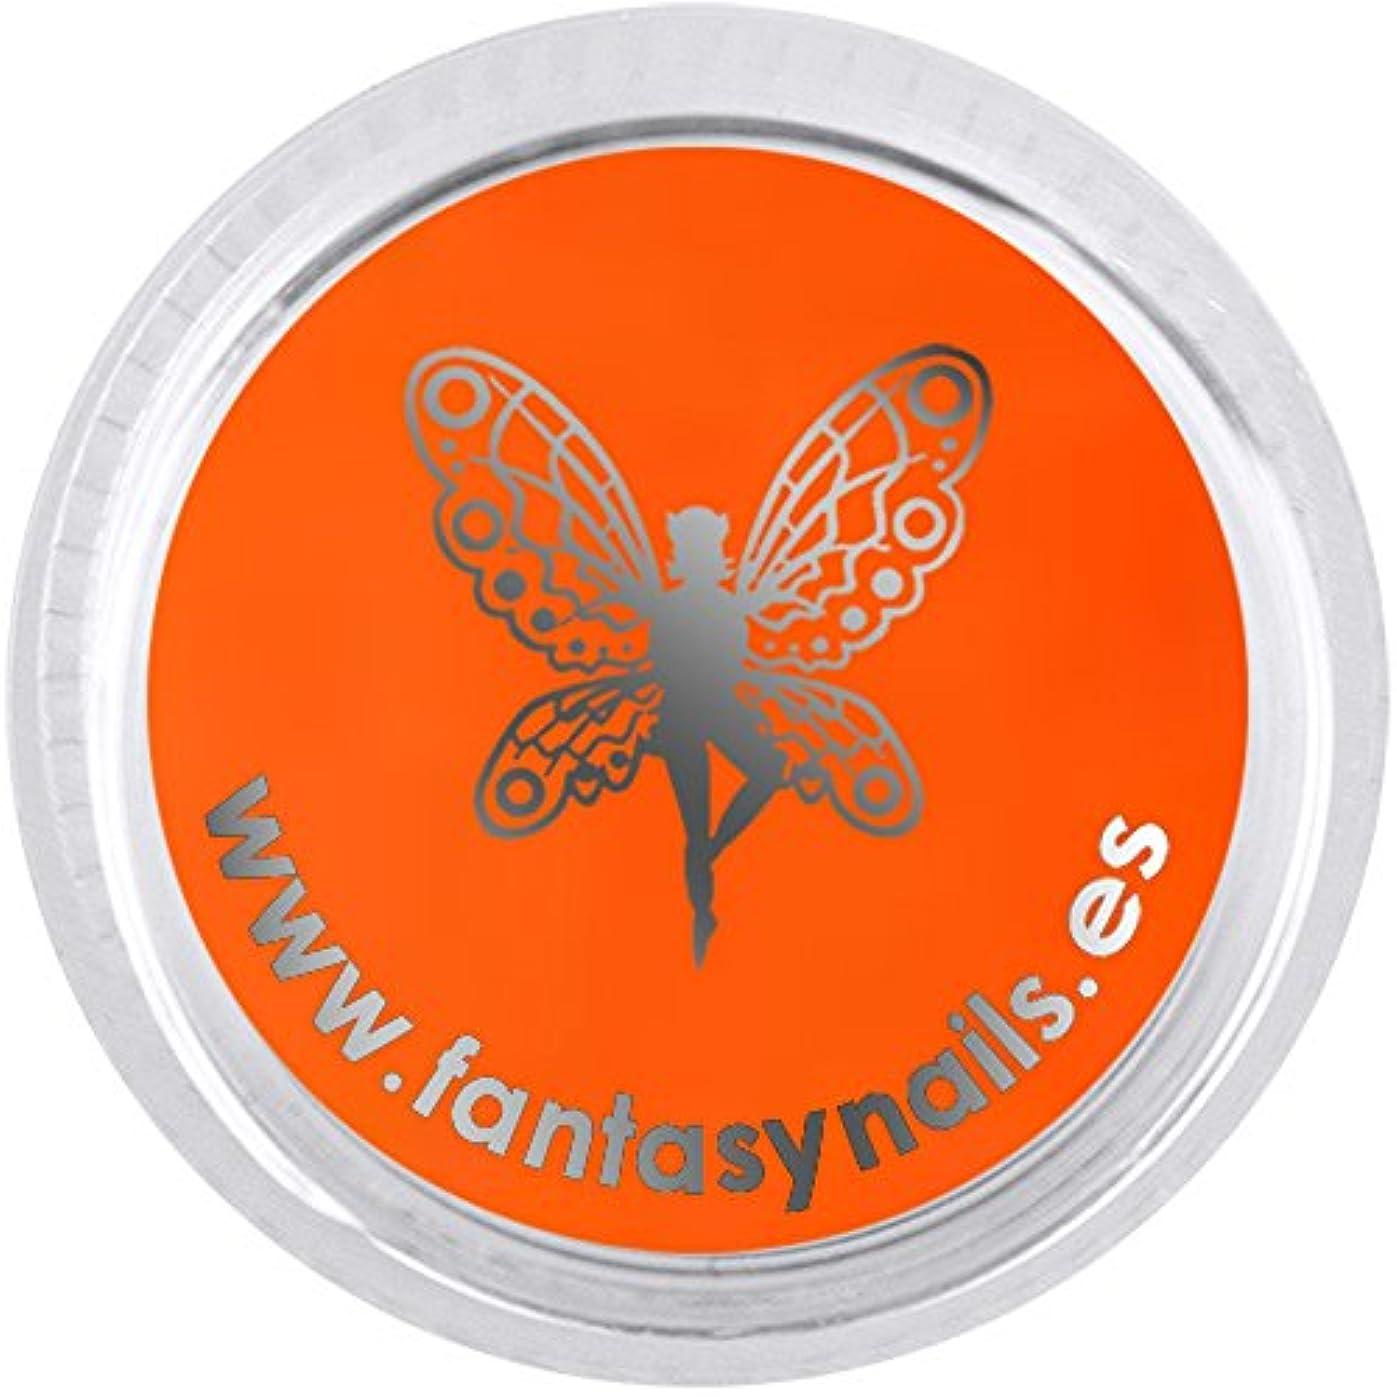 ケーブル布インフラFANTASY NAIL フラワーコレクション 3g 4754XS カラーパウダー アート材